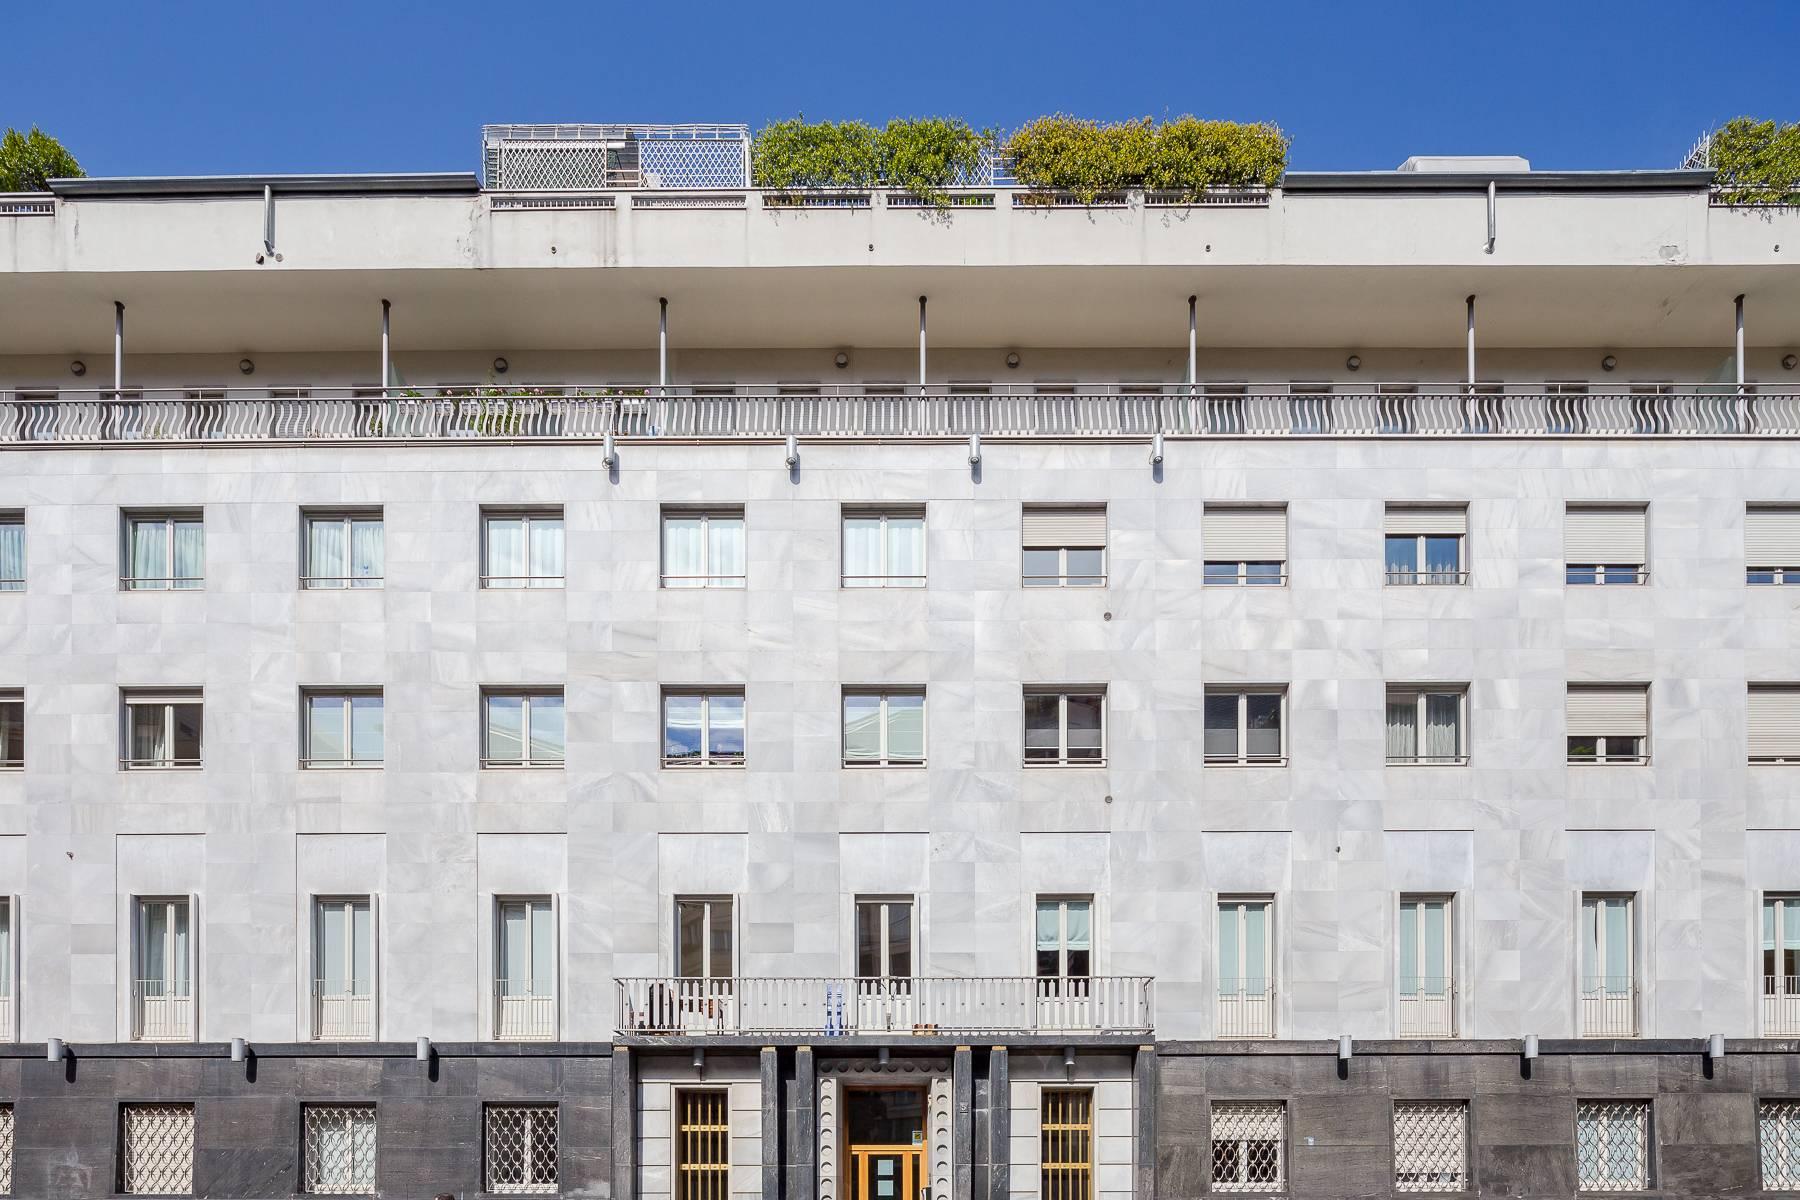 Appartamento in Vendita a Milano: 2 locali, 55 mq - Foto 1